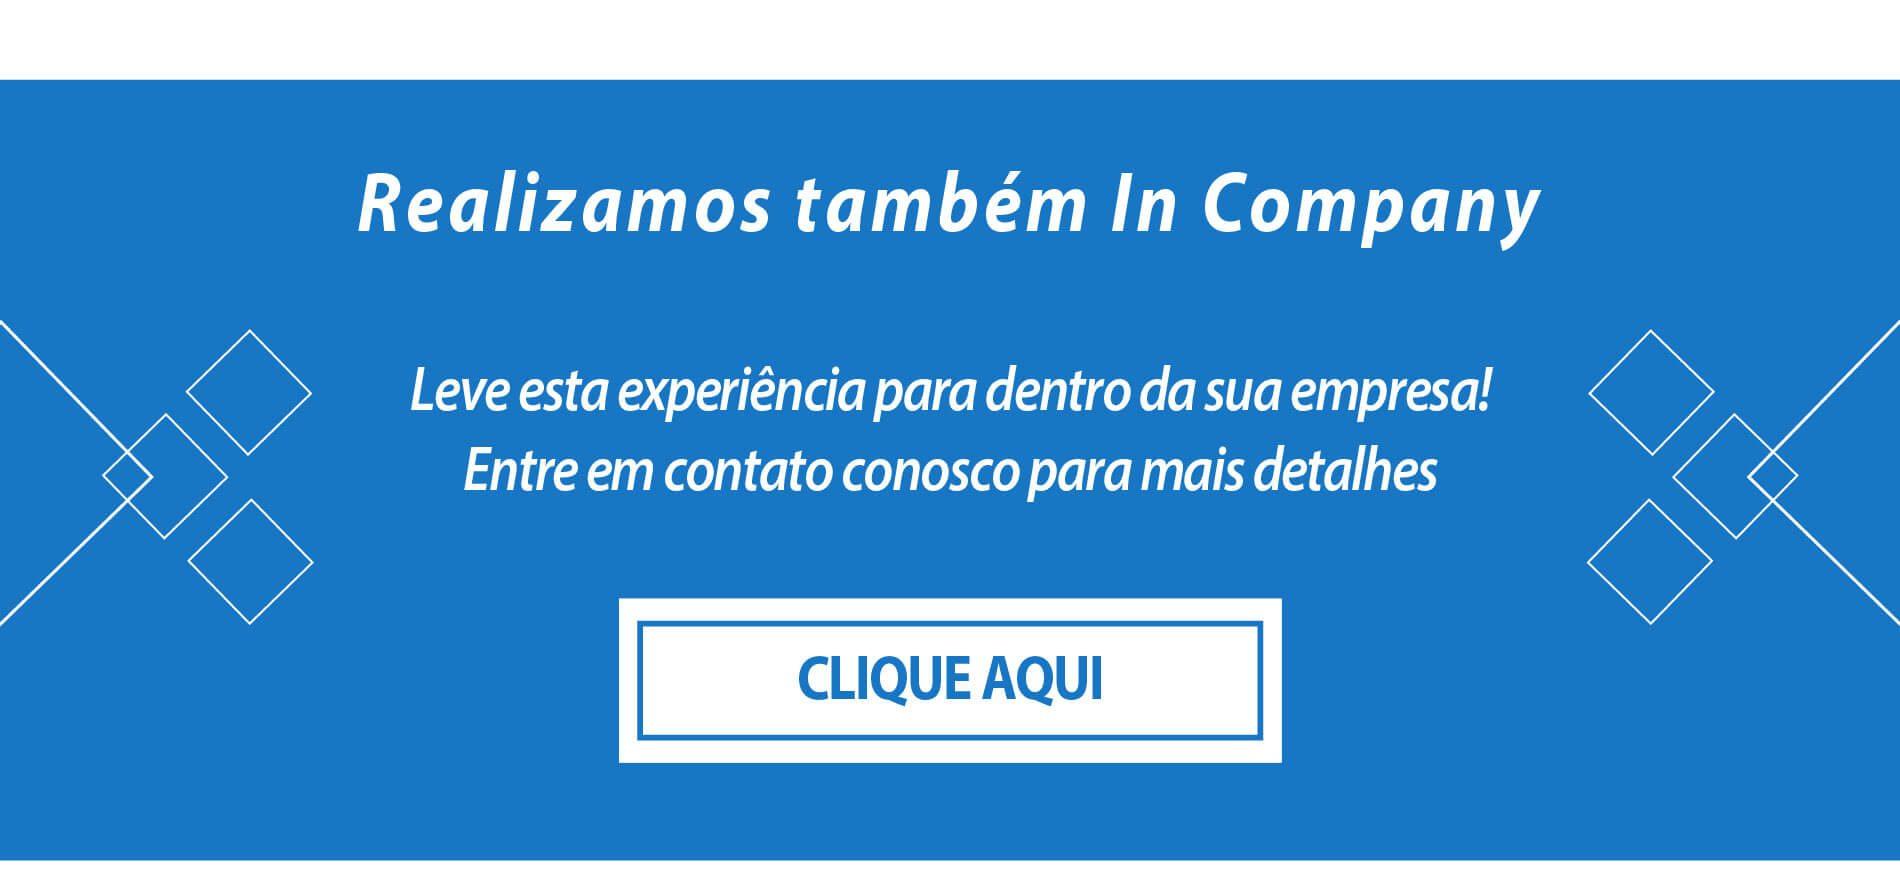 https://www.mestregp.com.br/wp-content/uploads/2018/01/Pagina-CdE-Gestão-de-Pessoas-b-incompany-1900x878.jpg